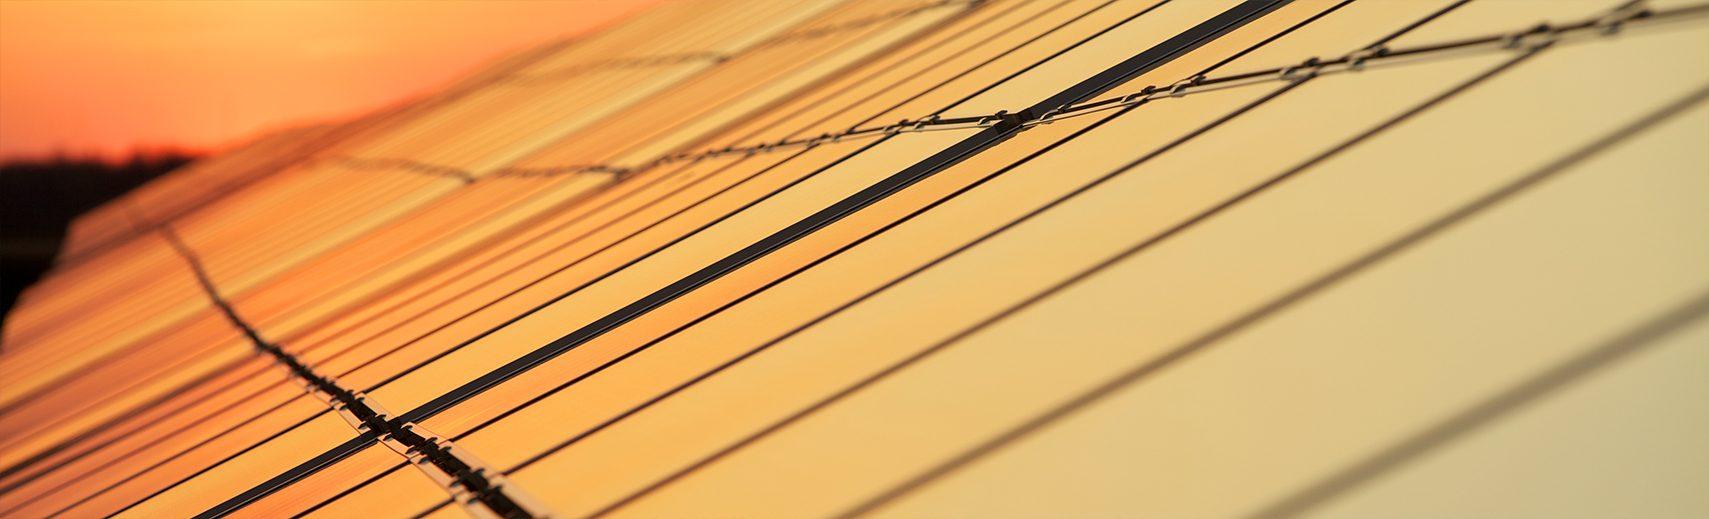 Énergie solaire - Une source d'énergie renouvelable, fiable et non polluante